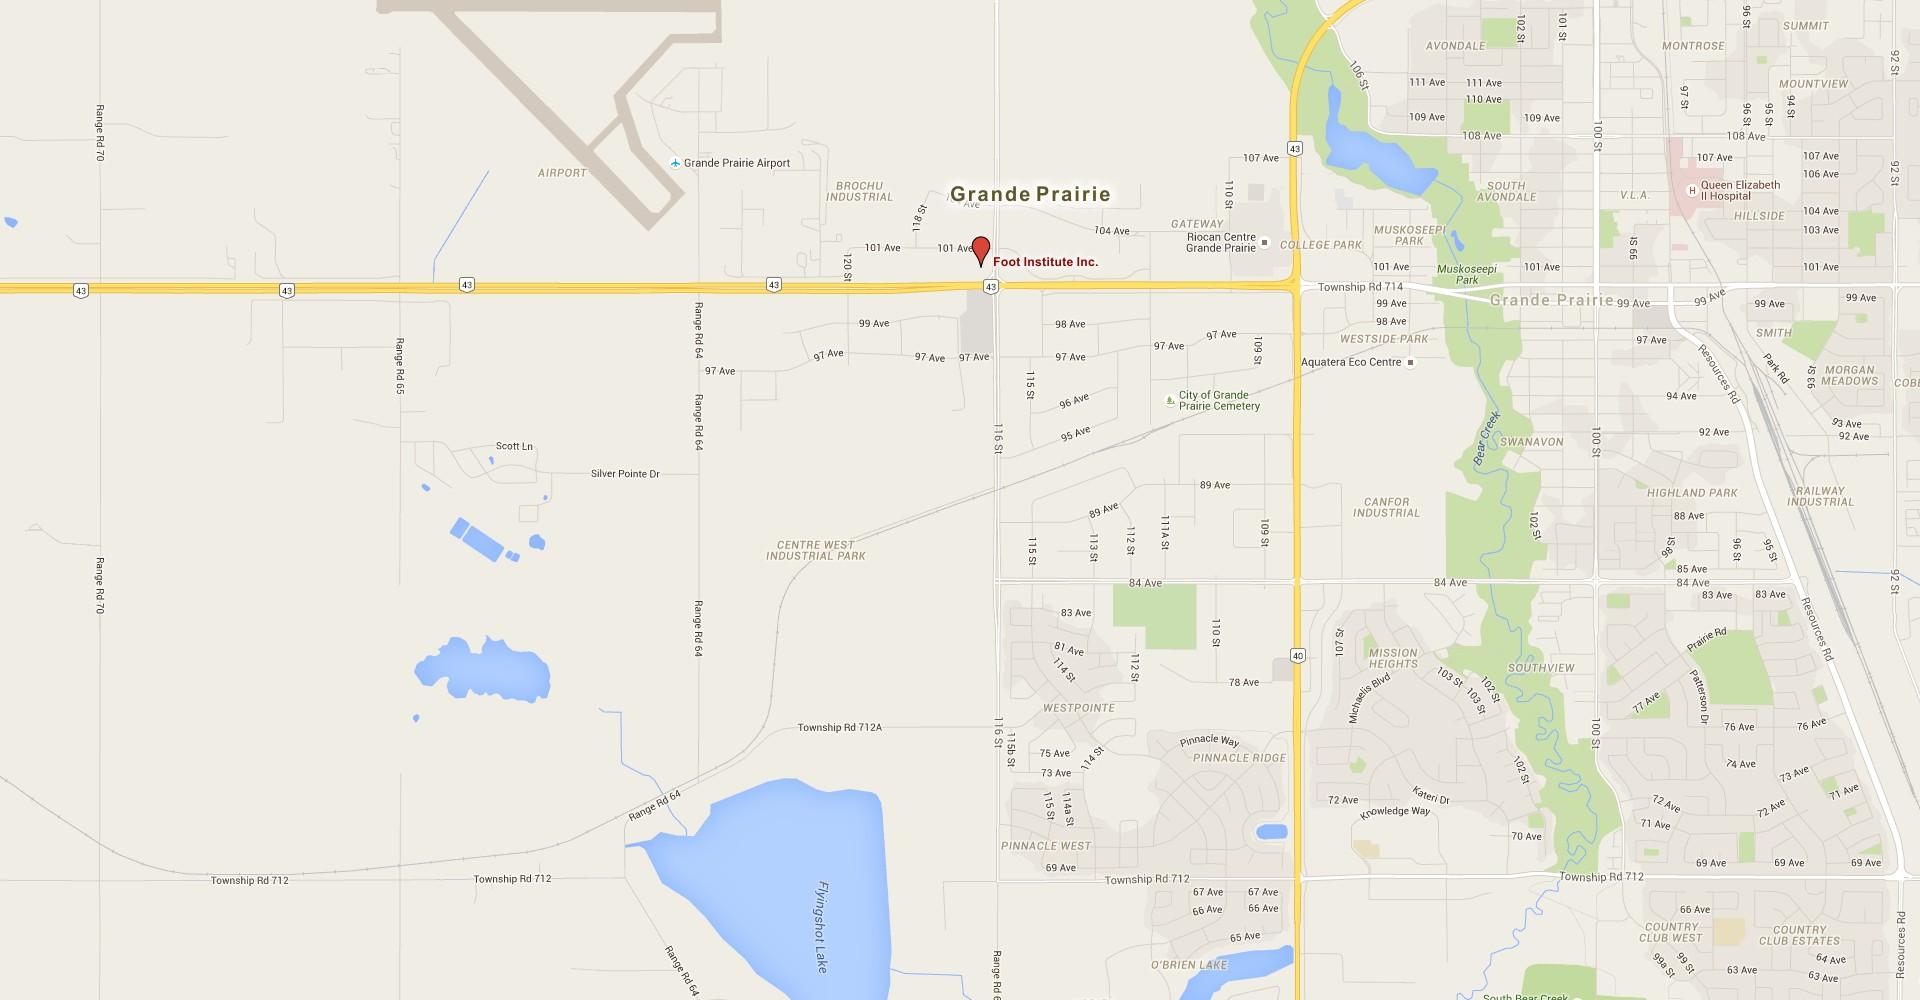 Podiatrist Foot Clinic Grande Prairie The Foot Institute